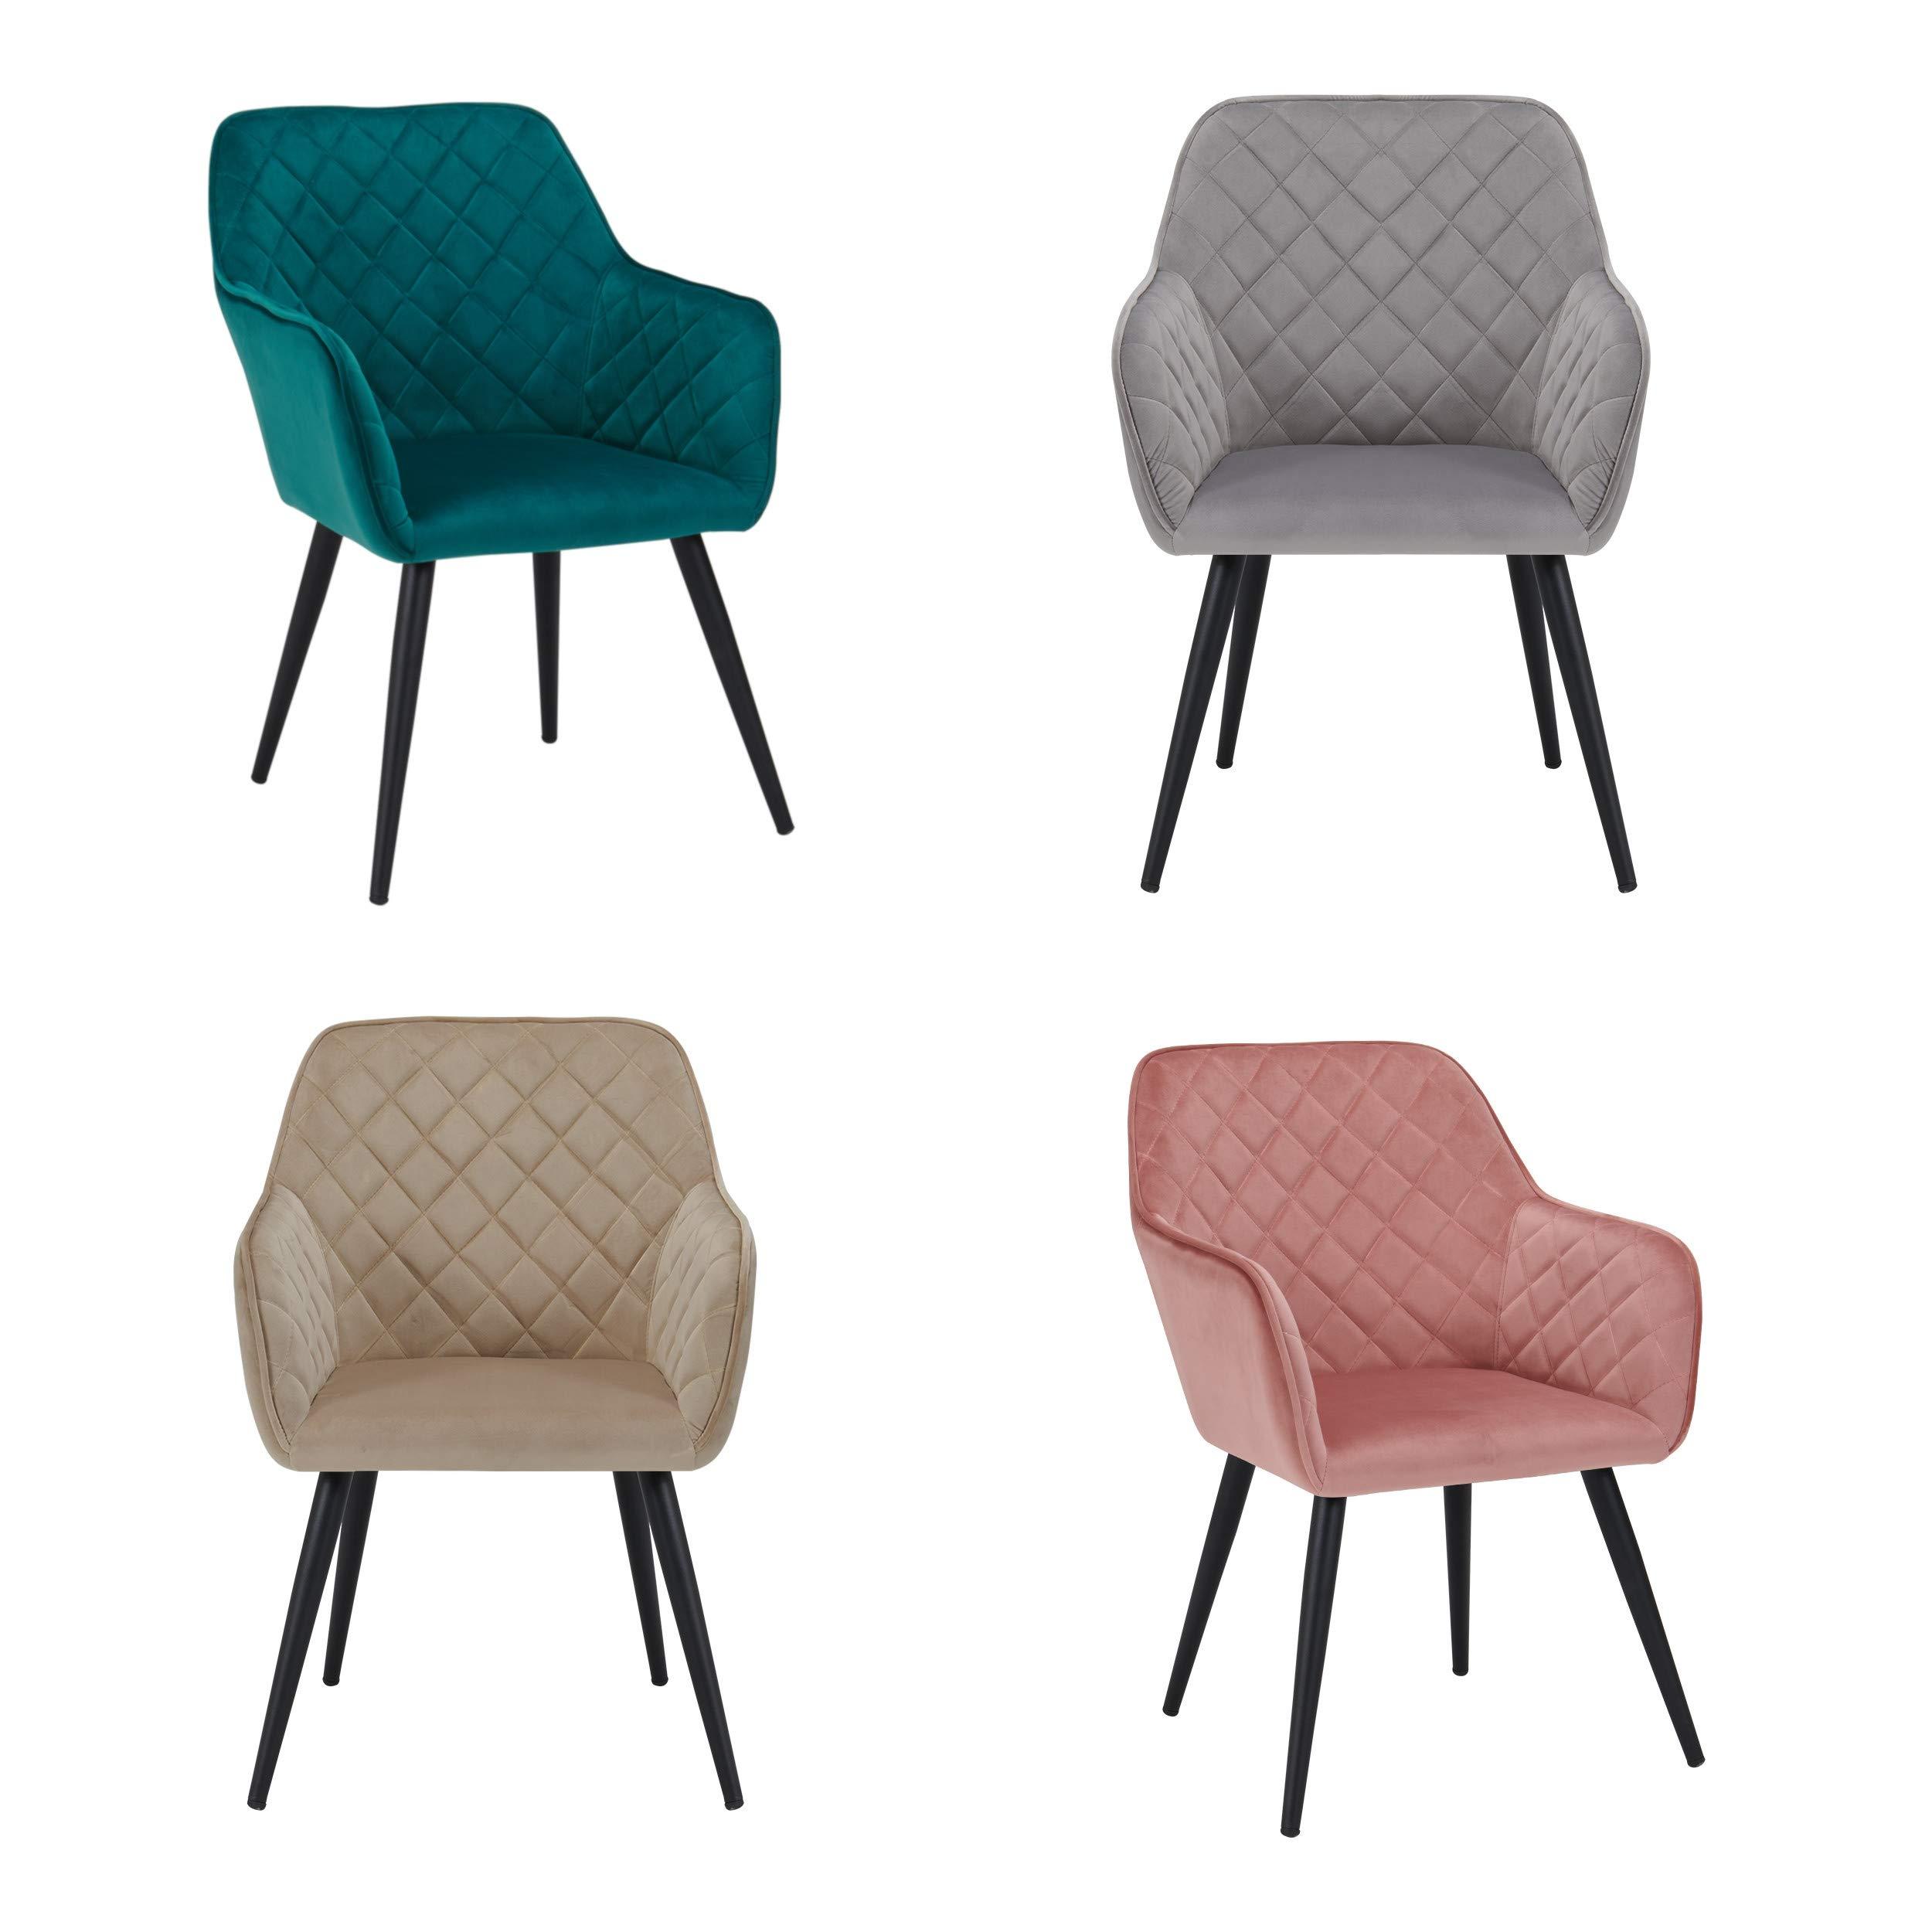 Esszimmerstuhl Stuhl Design Sessel StoffsamtFarbauswahl 8058Samtmöbel Mit Armlehnstuhl Aus Duhome Metallbeine Retro Rückenlehne m8vNn0w